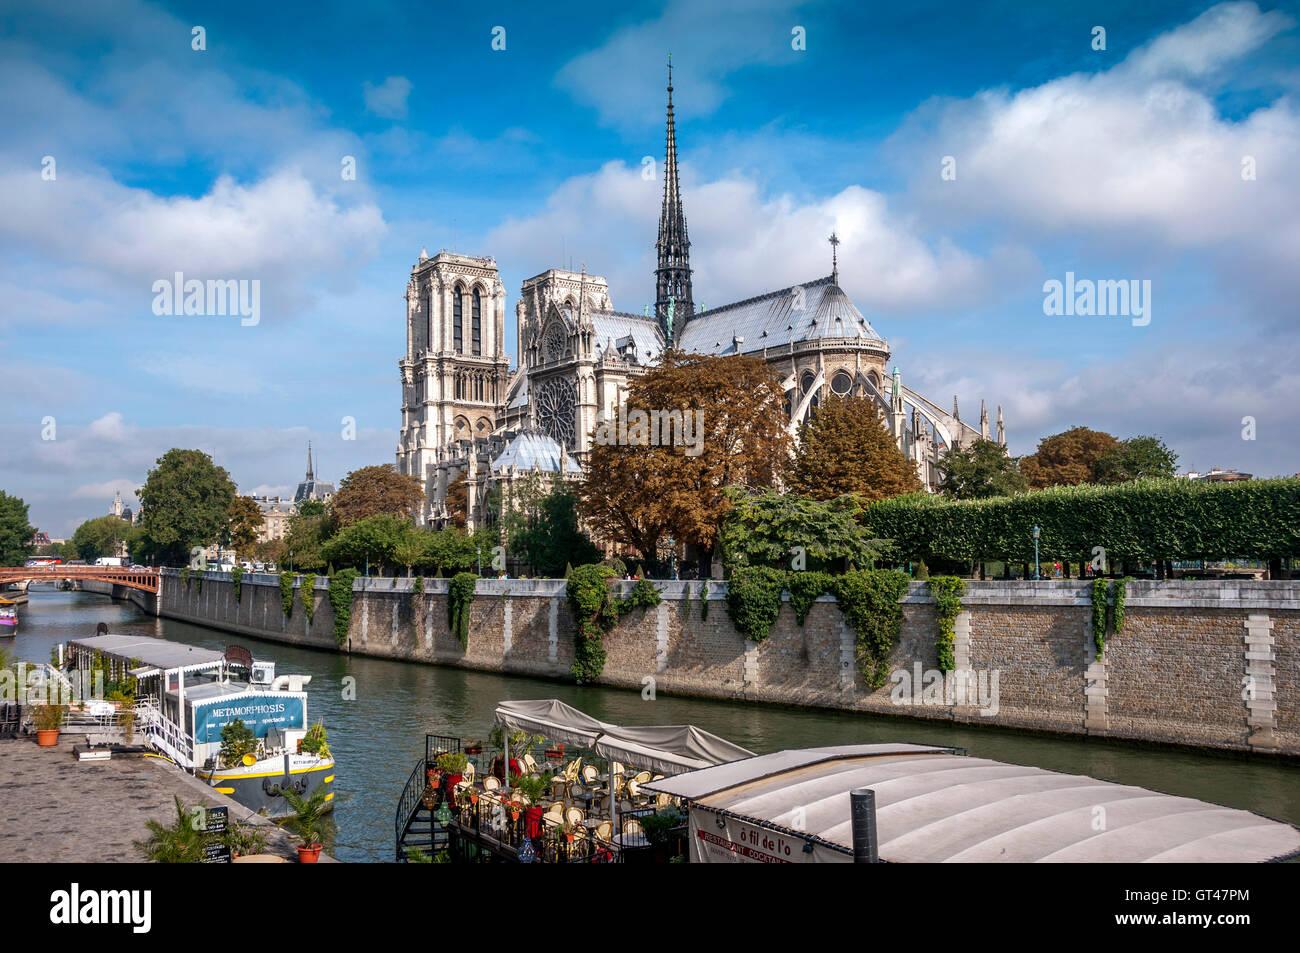 Paris (75) 5e arr. Quai de Montebello, river Seine, Cathedral  Notre Dame de Paris. France - Stock Image